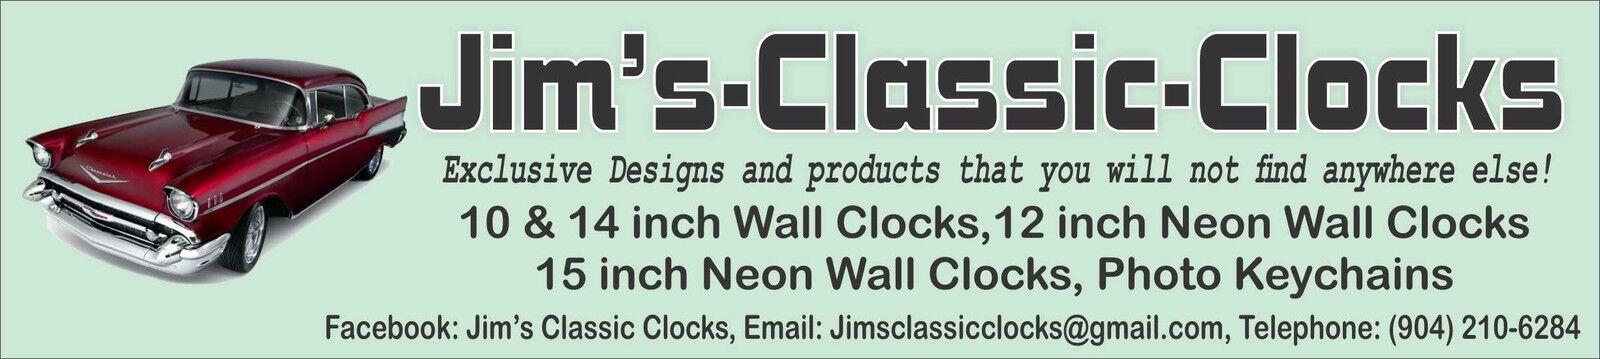 jims-classic-clocks